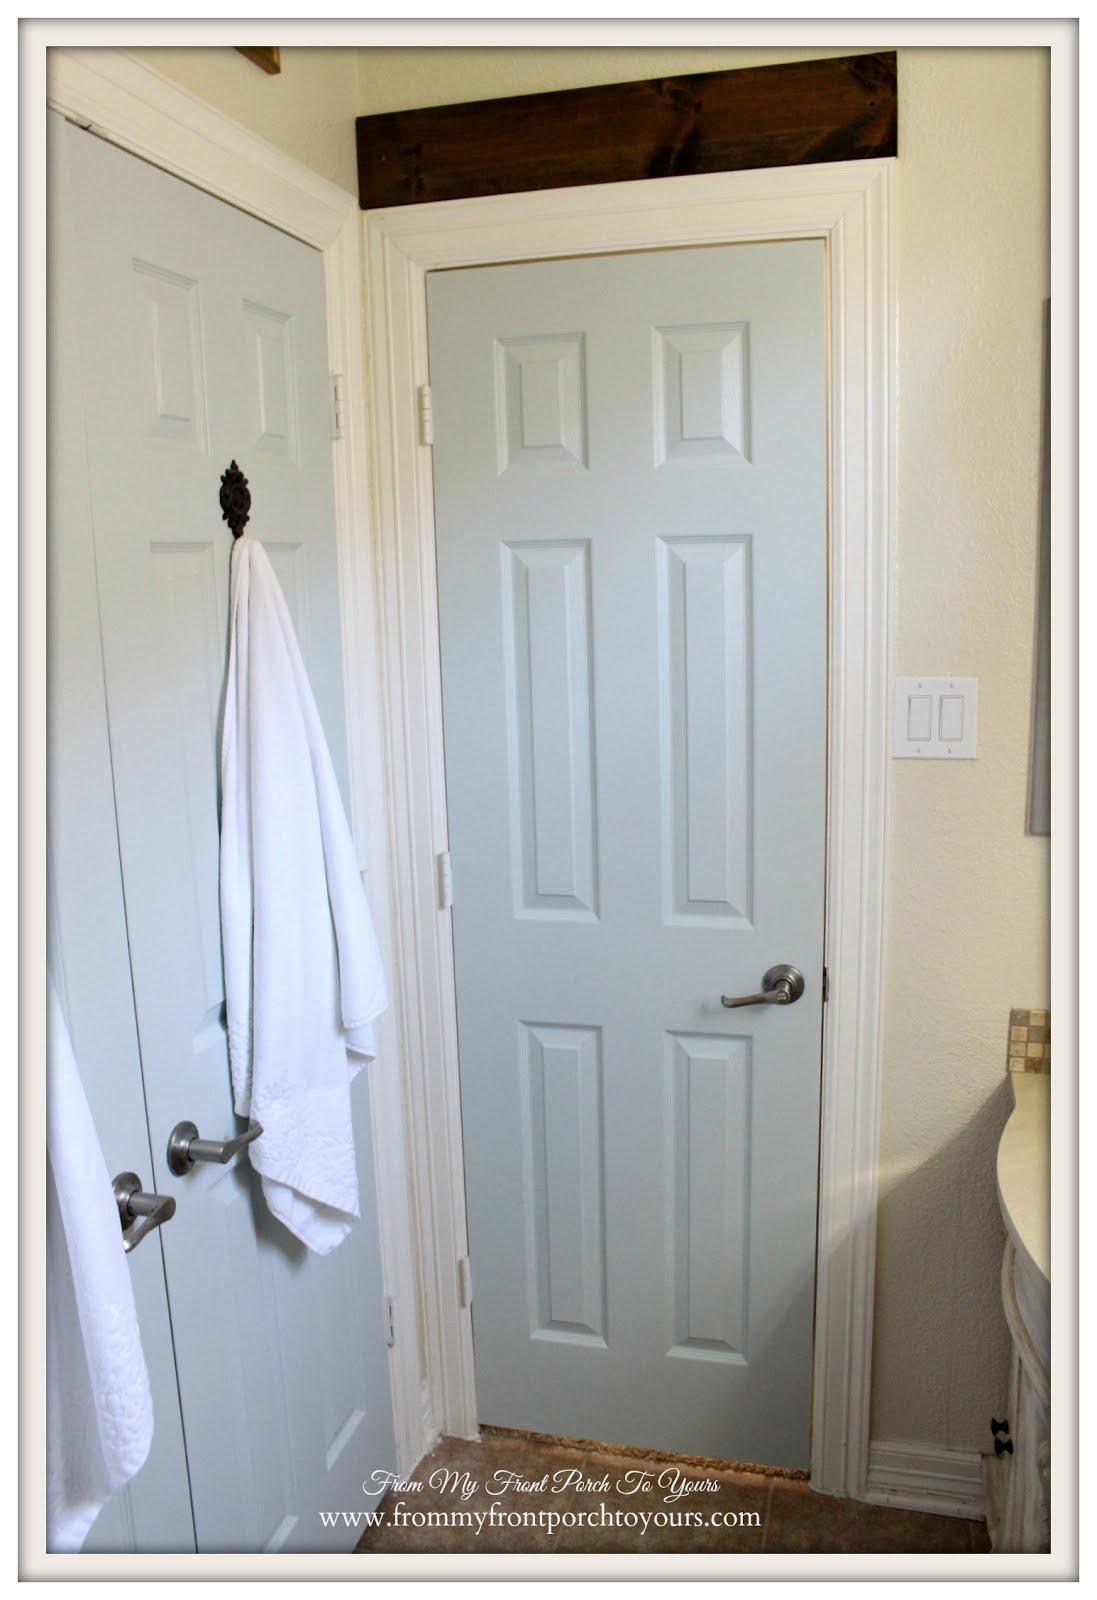 williams door picking front door color sherwin williams sw 6531 indigo. Black Bedroom Furniture Sets. Home Design Ideas